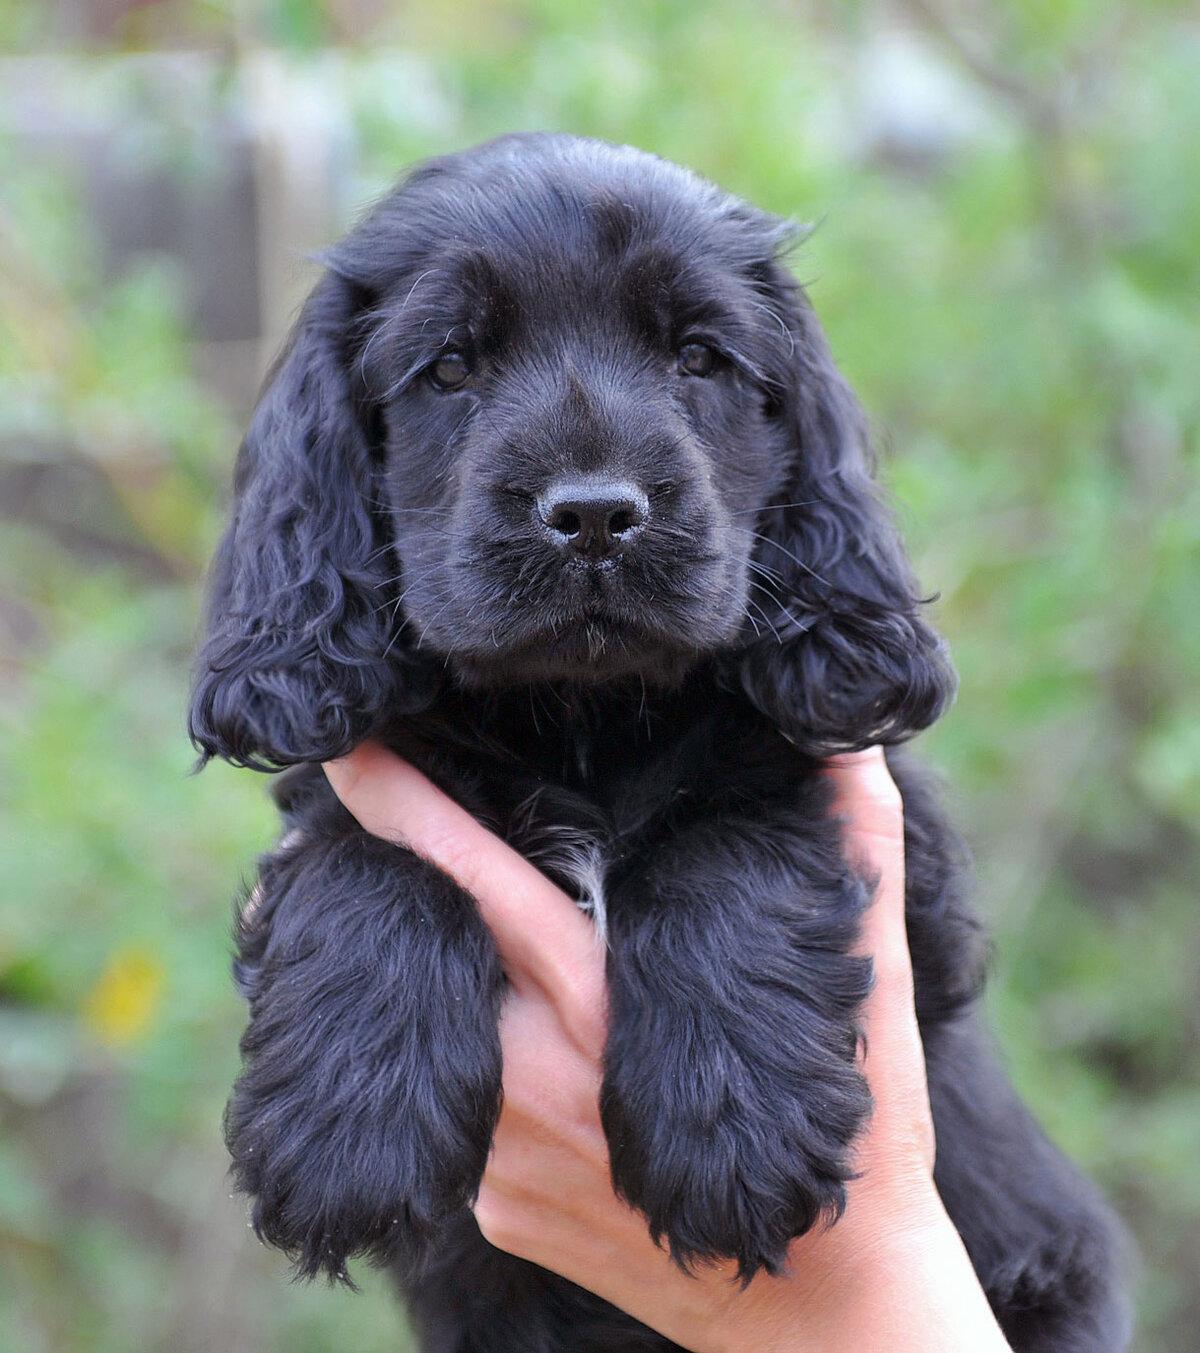 непосредственной фото собак кокер спаниель черный уверен, что